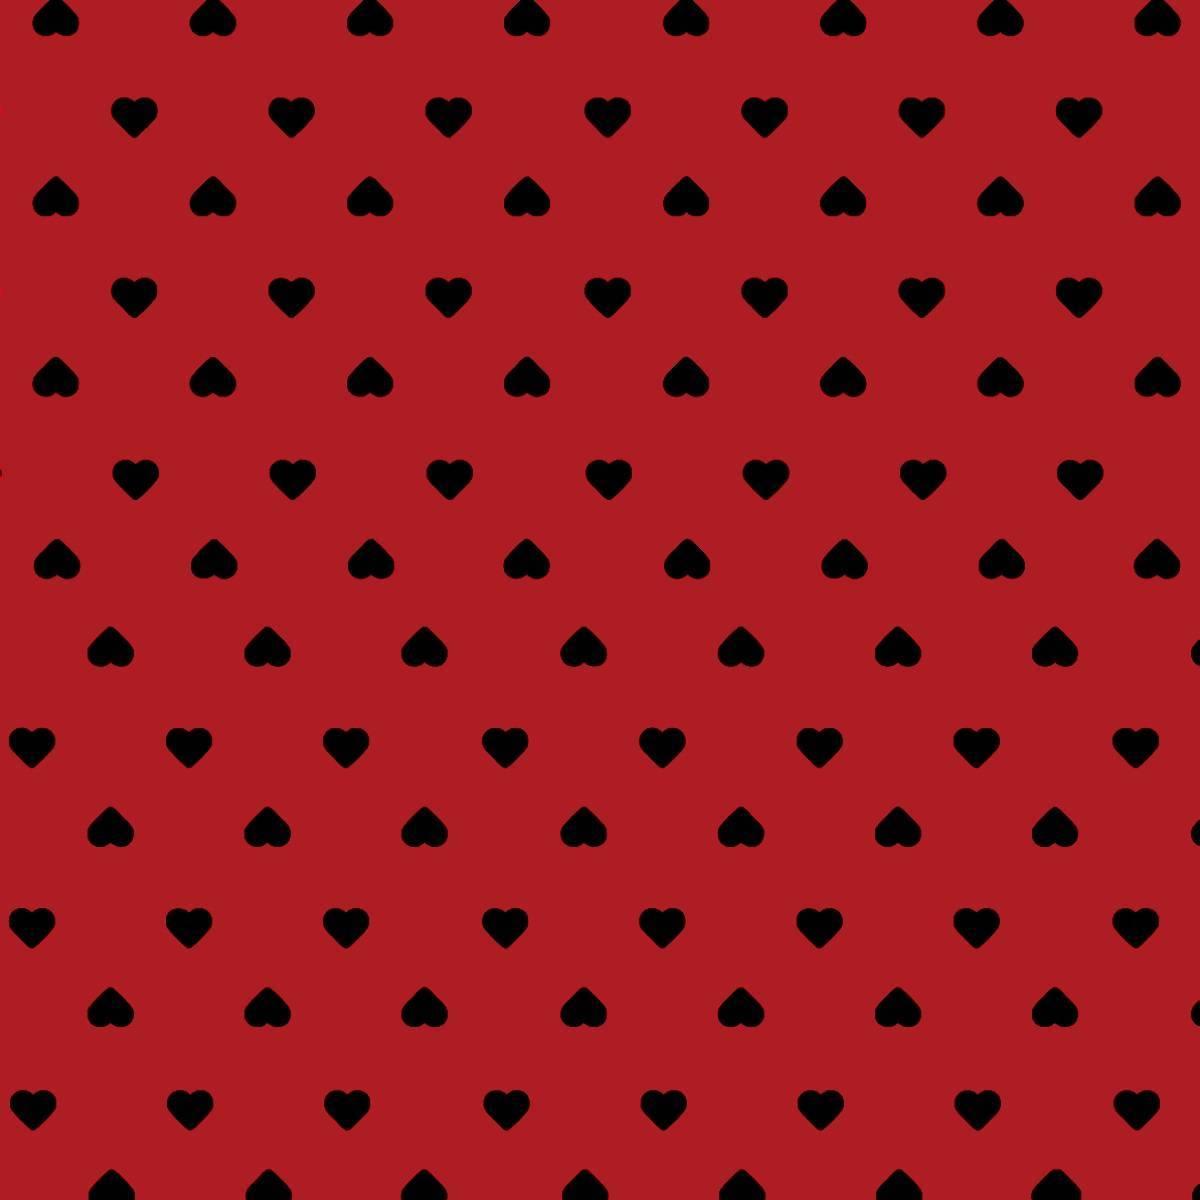 Corações Preto Com Vermelho Ref. 1302 Cor 11 Peripan - Armarinhos Nodari